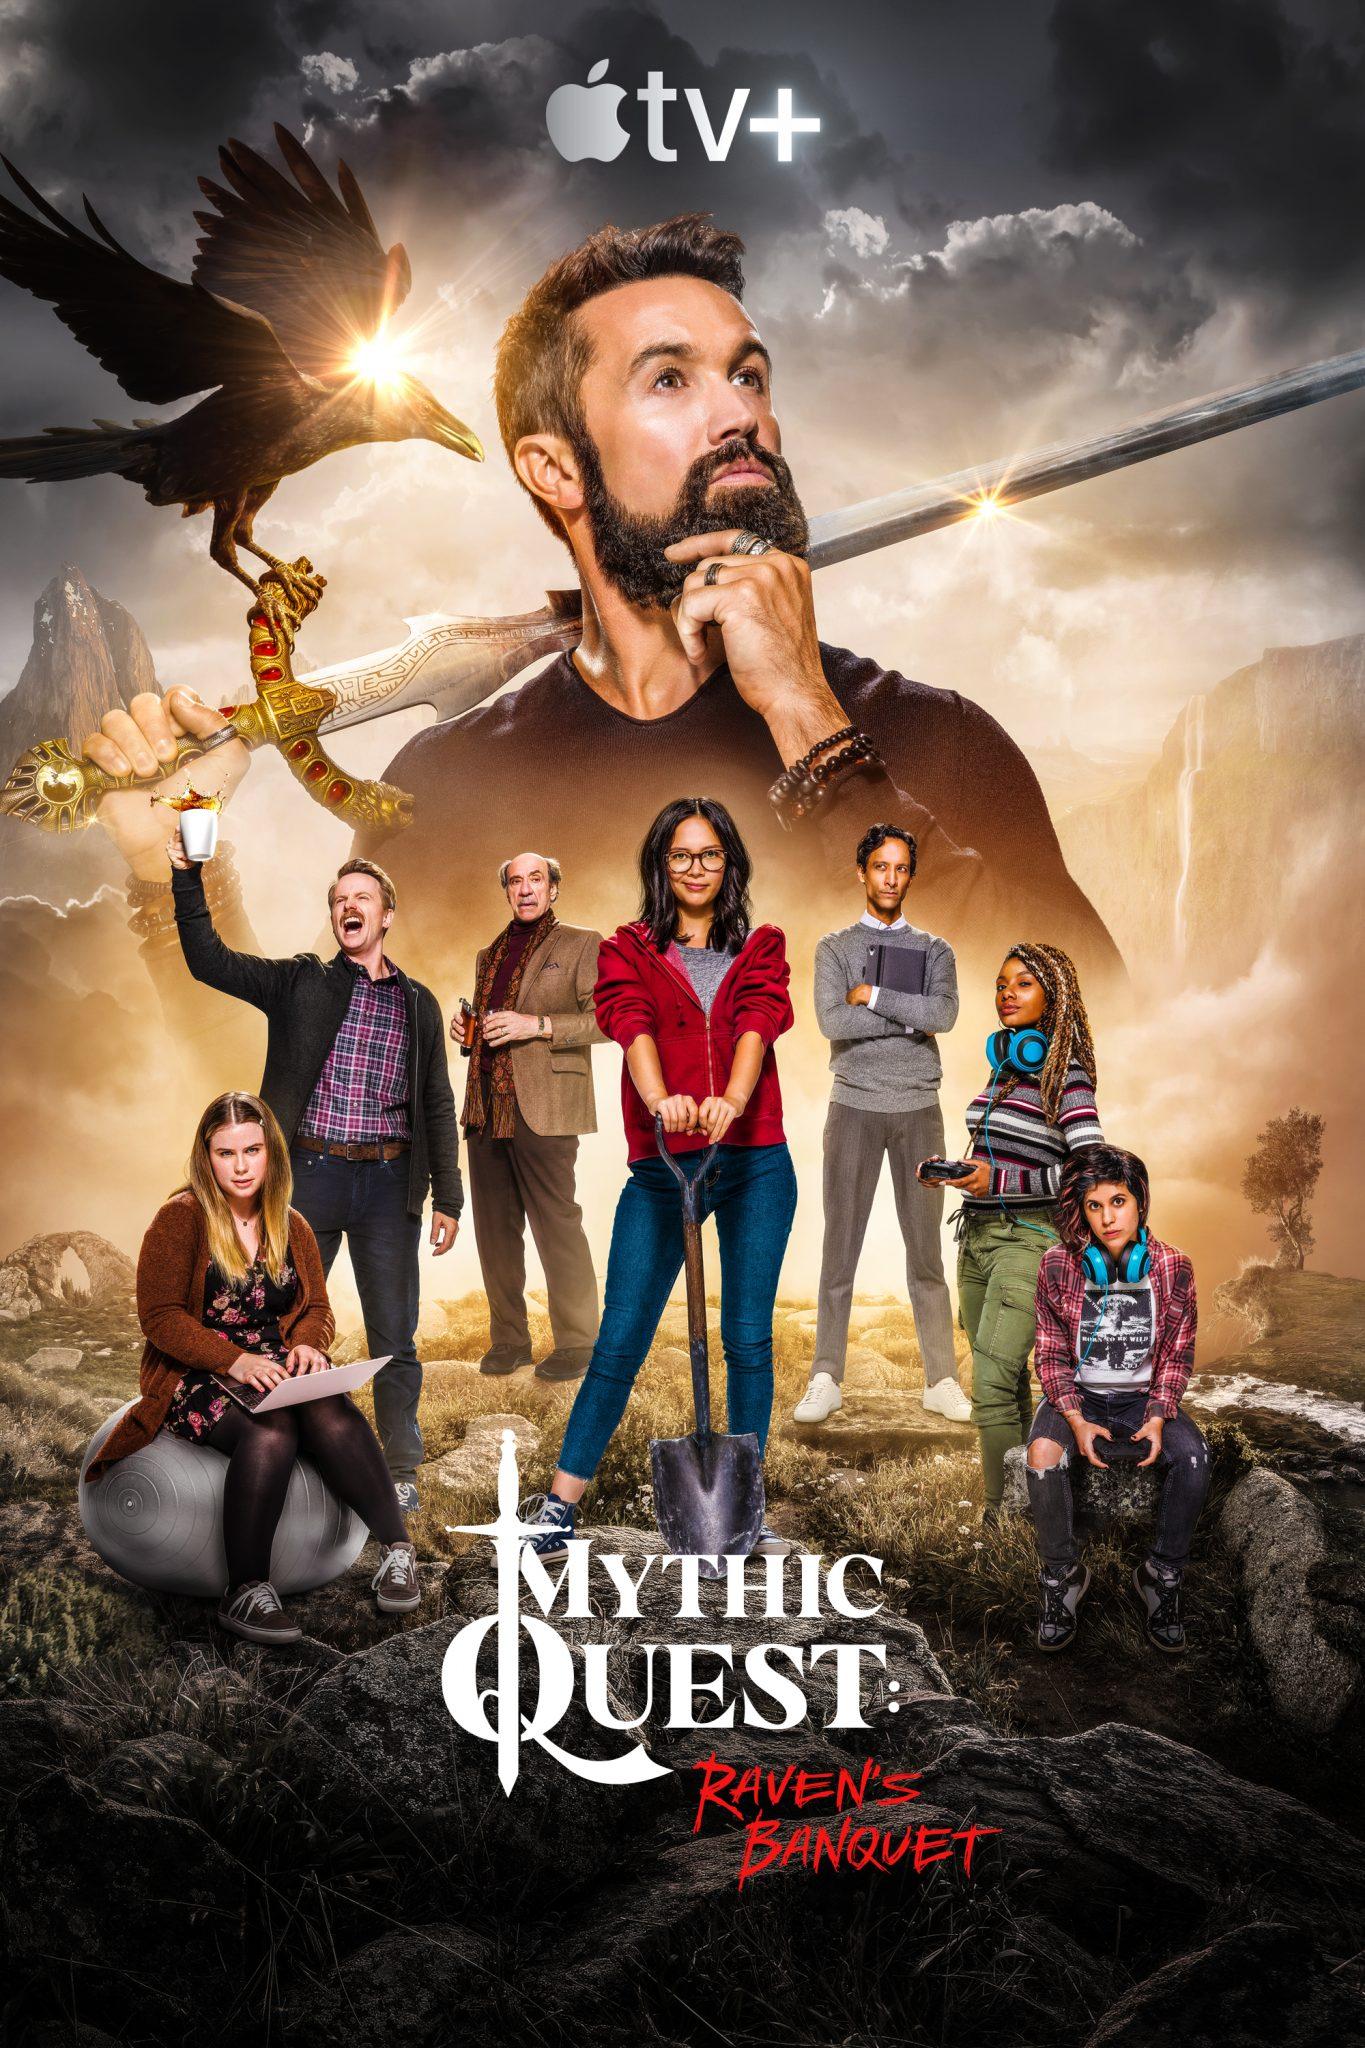 Serien 2020 - Die Neustarts: Mythic Quest - Raven's Banquet auf Apple TV+